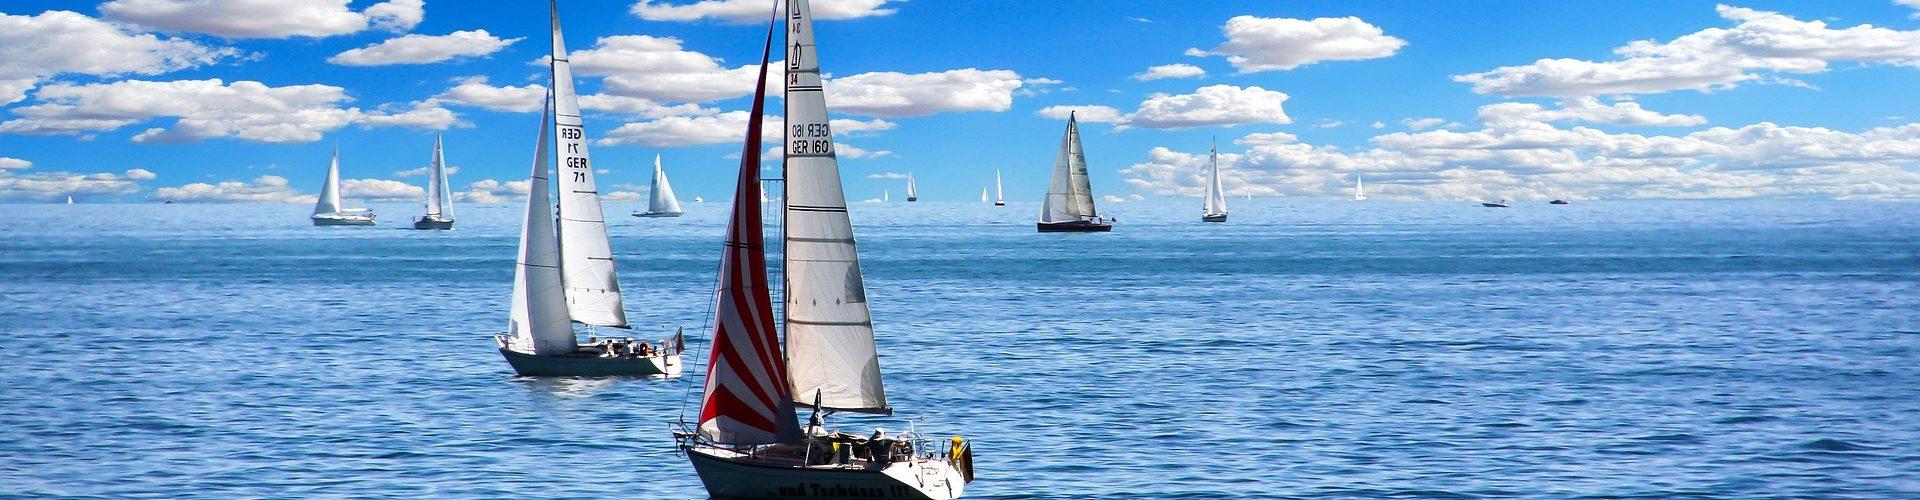 segeln lernen in Neumünster segelschein machen in Neumünster 1920x500 - Segeln lernen in Neumünster